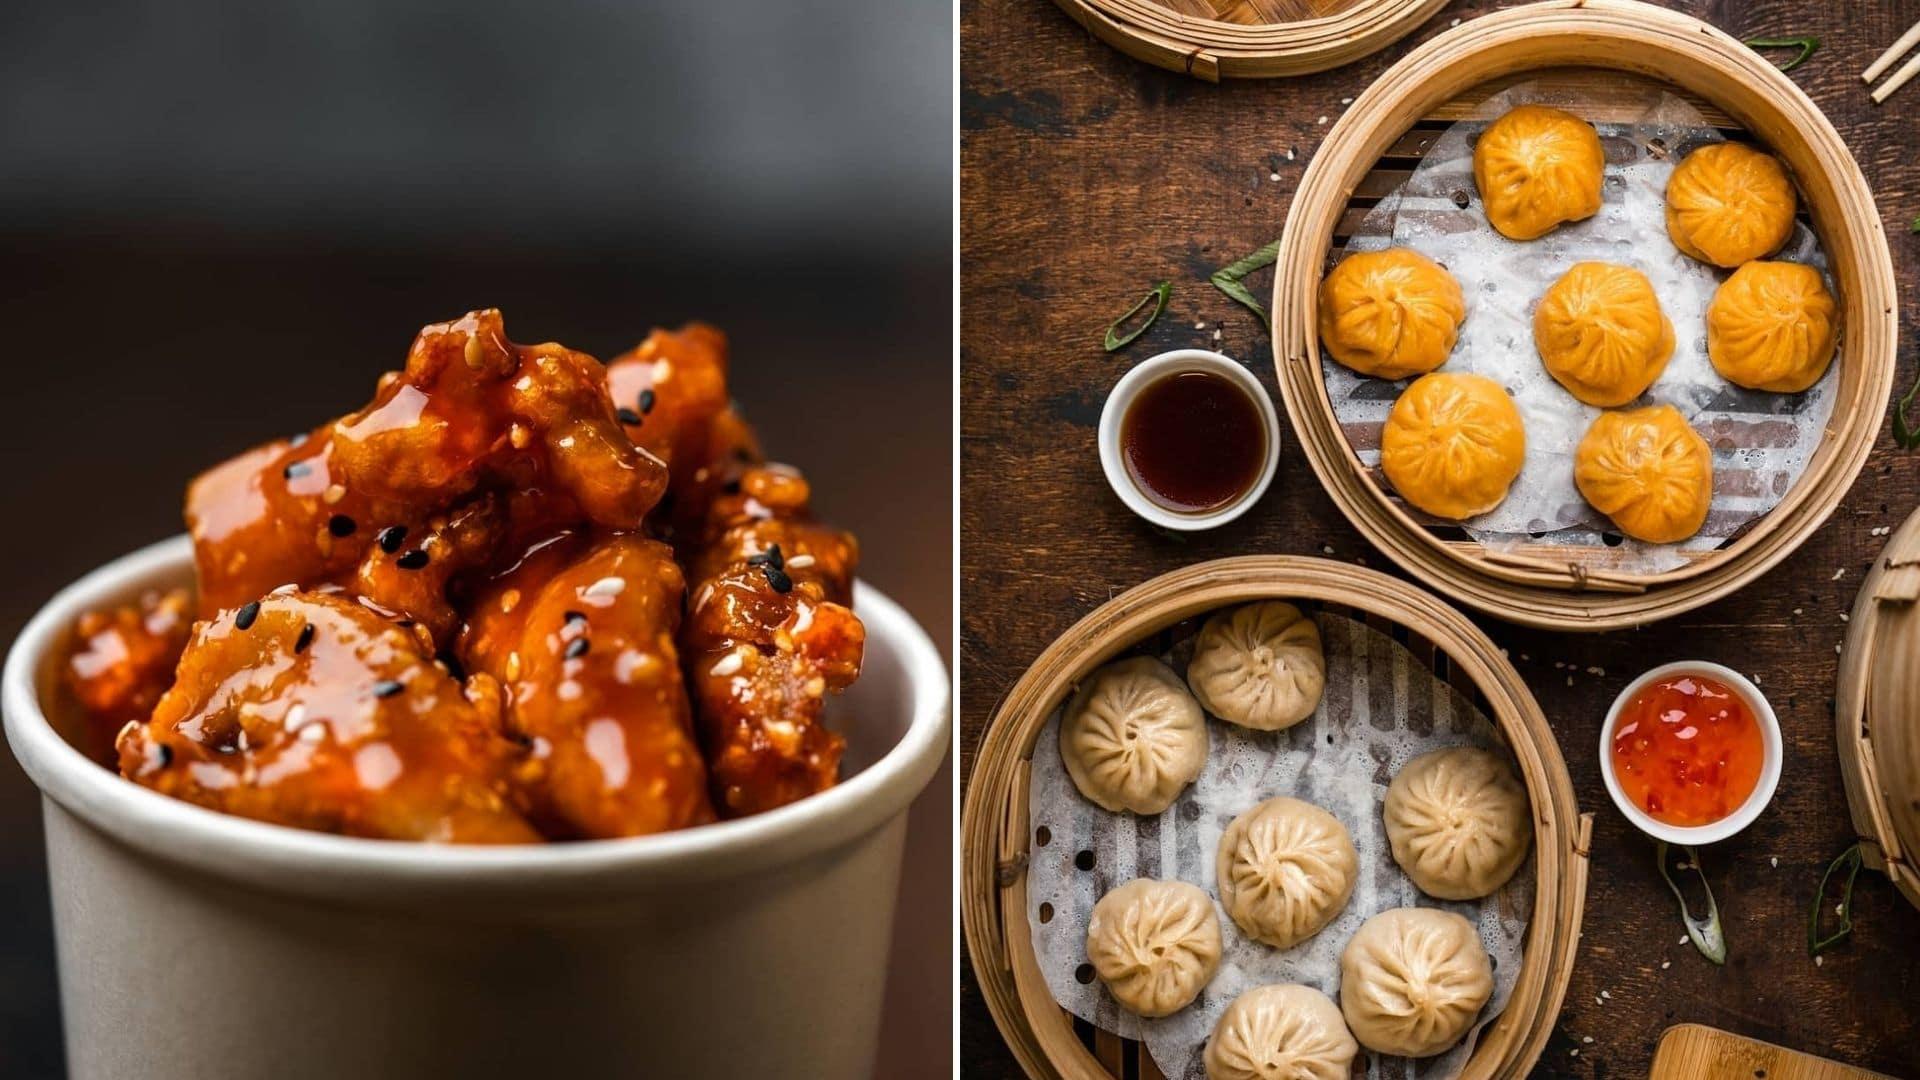 maison dumpling livraison paris street food chinoise fried chicken poulet frit